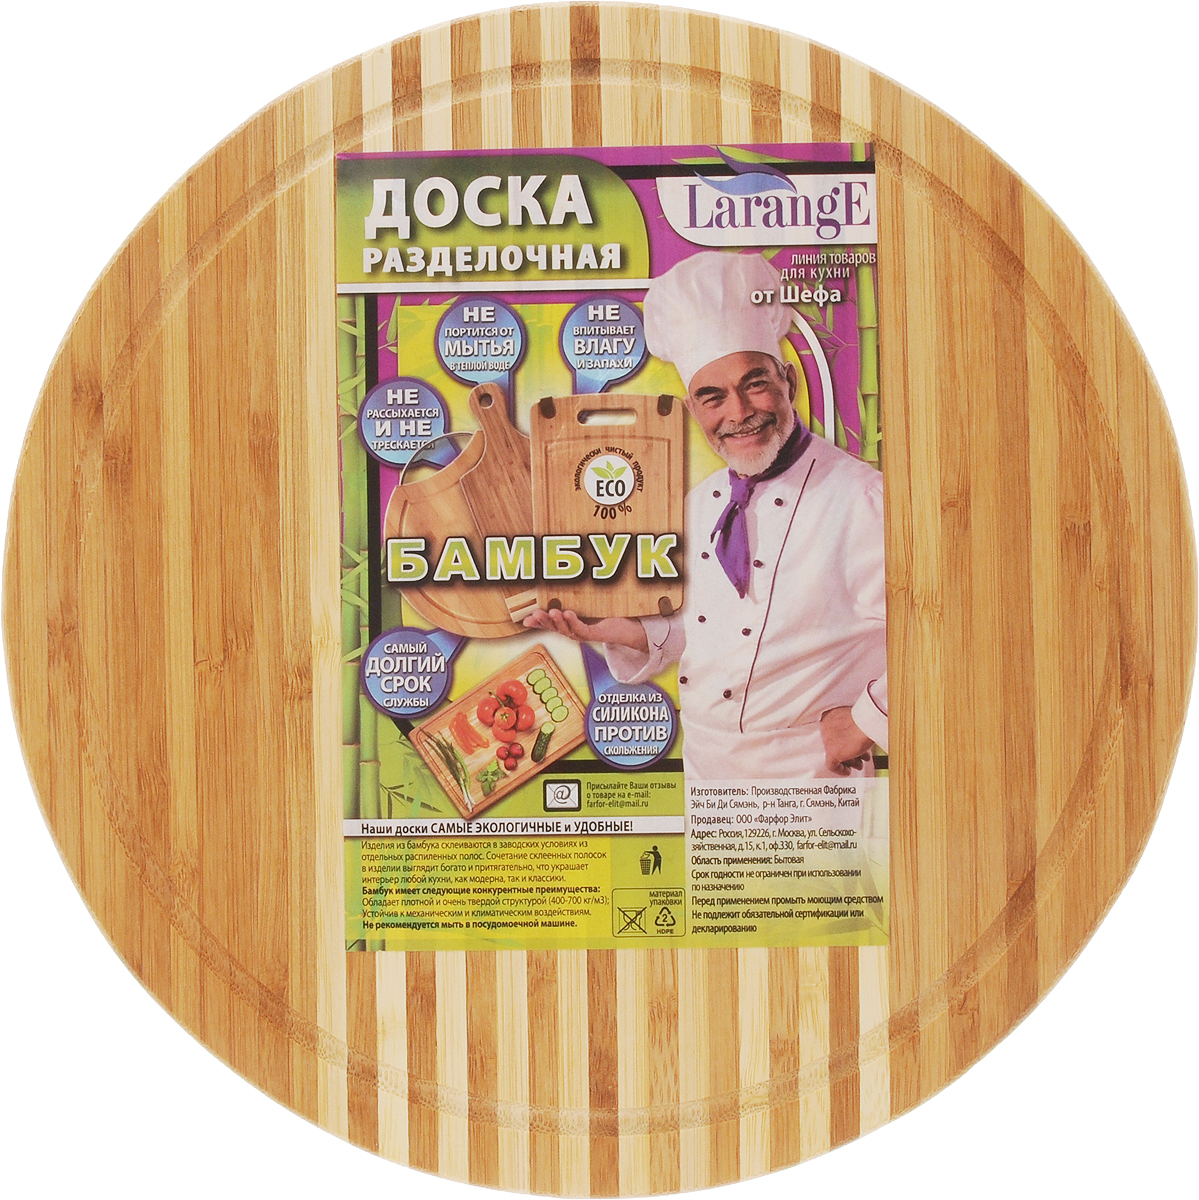 Доска разделочная LarangE От Шефа, 30 х 30 х 1,8 см115510Доска разделочная LarangE От Шефа изготовлена из высококачественного бамбука. Доска предназначена для нарезки продуктов, может служить как подставка для закусок (например, суши). Доска снабжена желобом для стока жидкости. Такая доска станет отличным приобретением для вашей кухни.